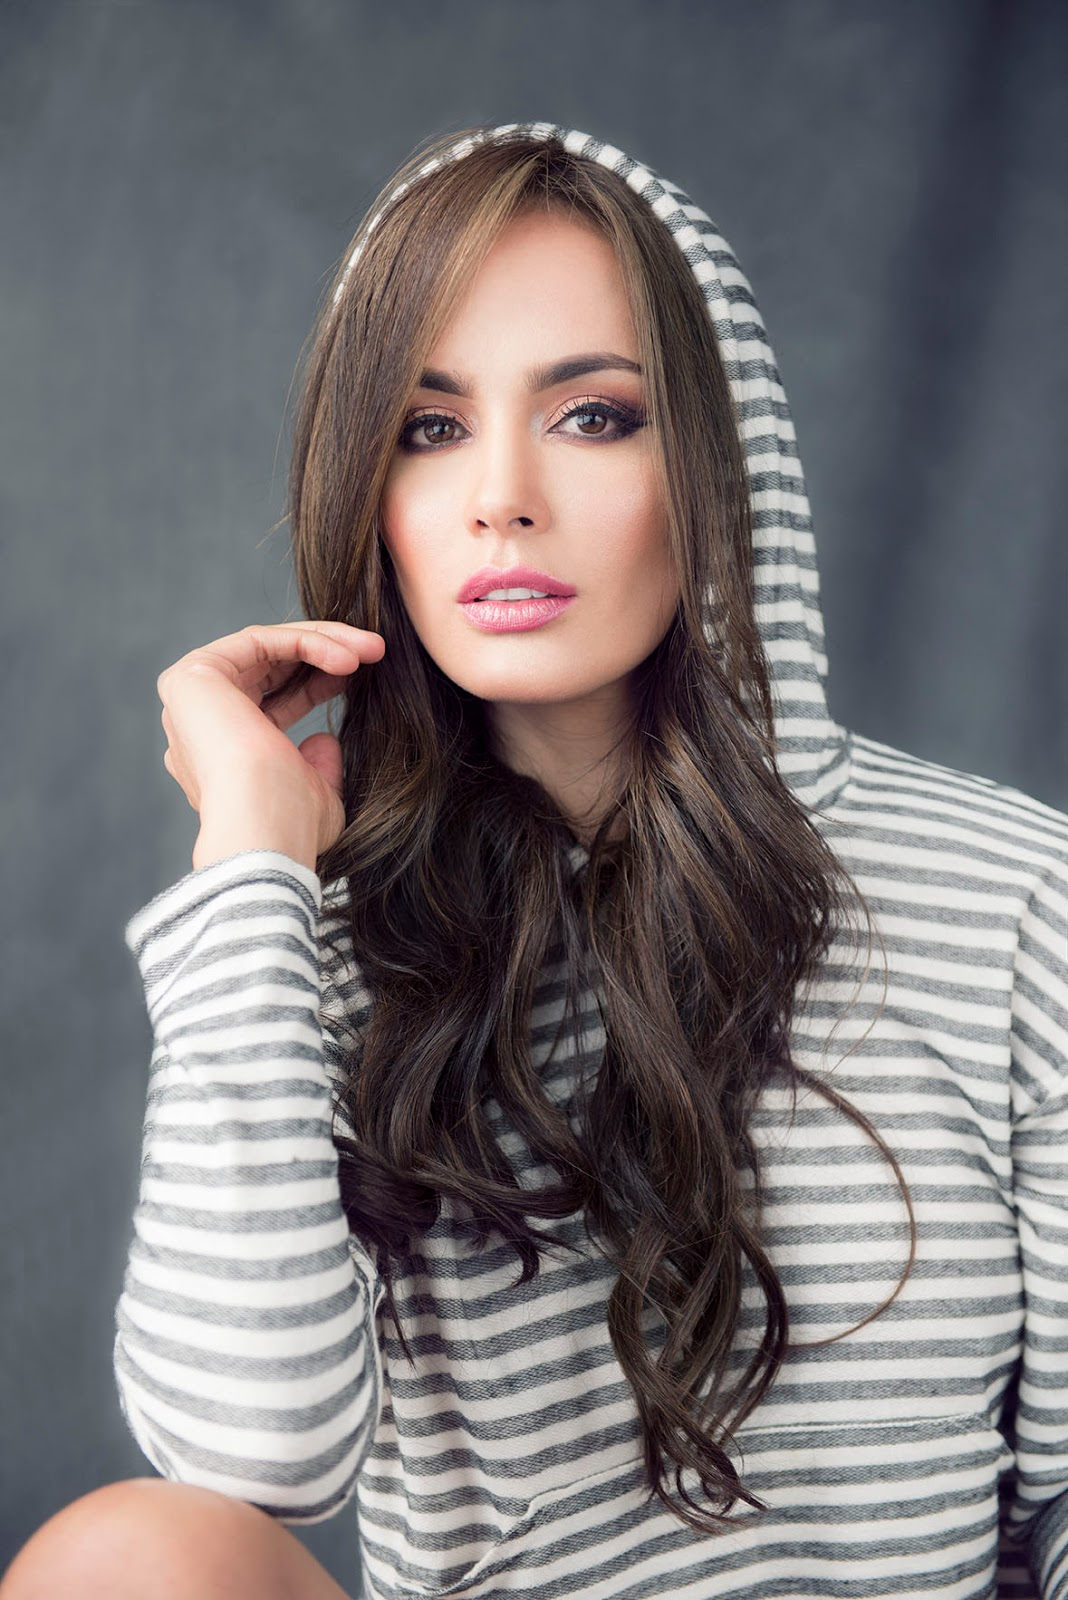 Adriana Pino LMC Models